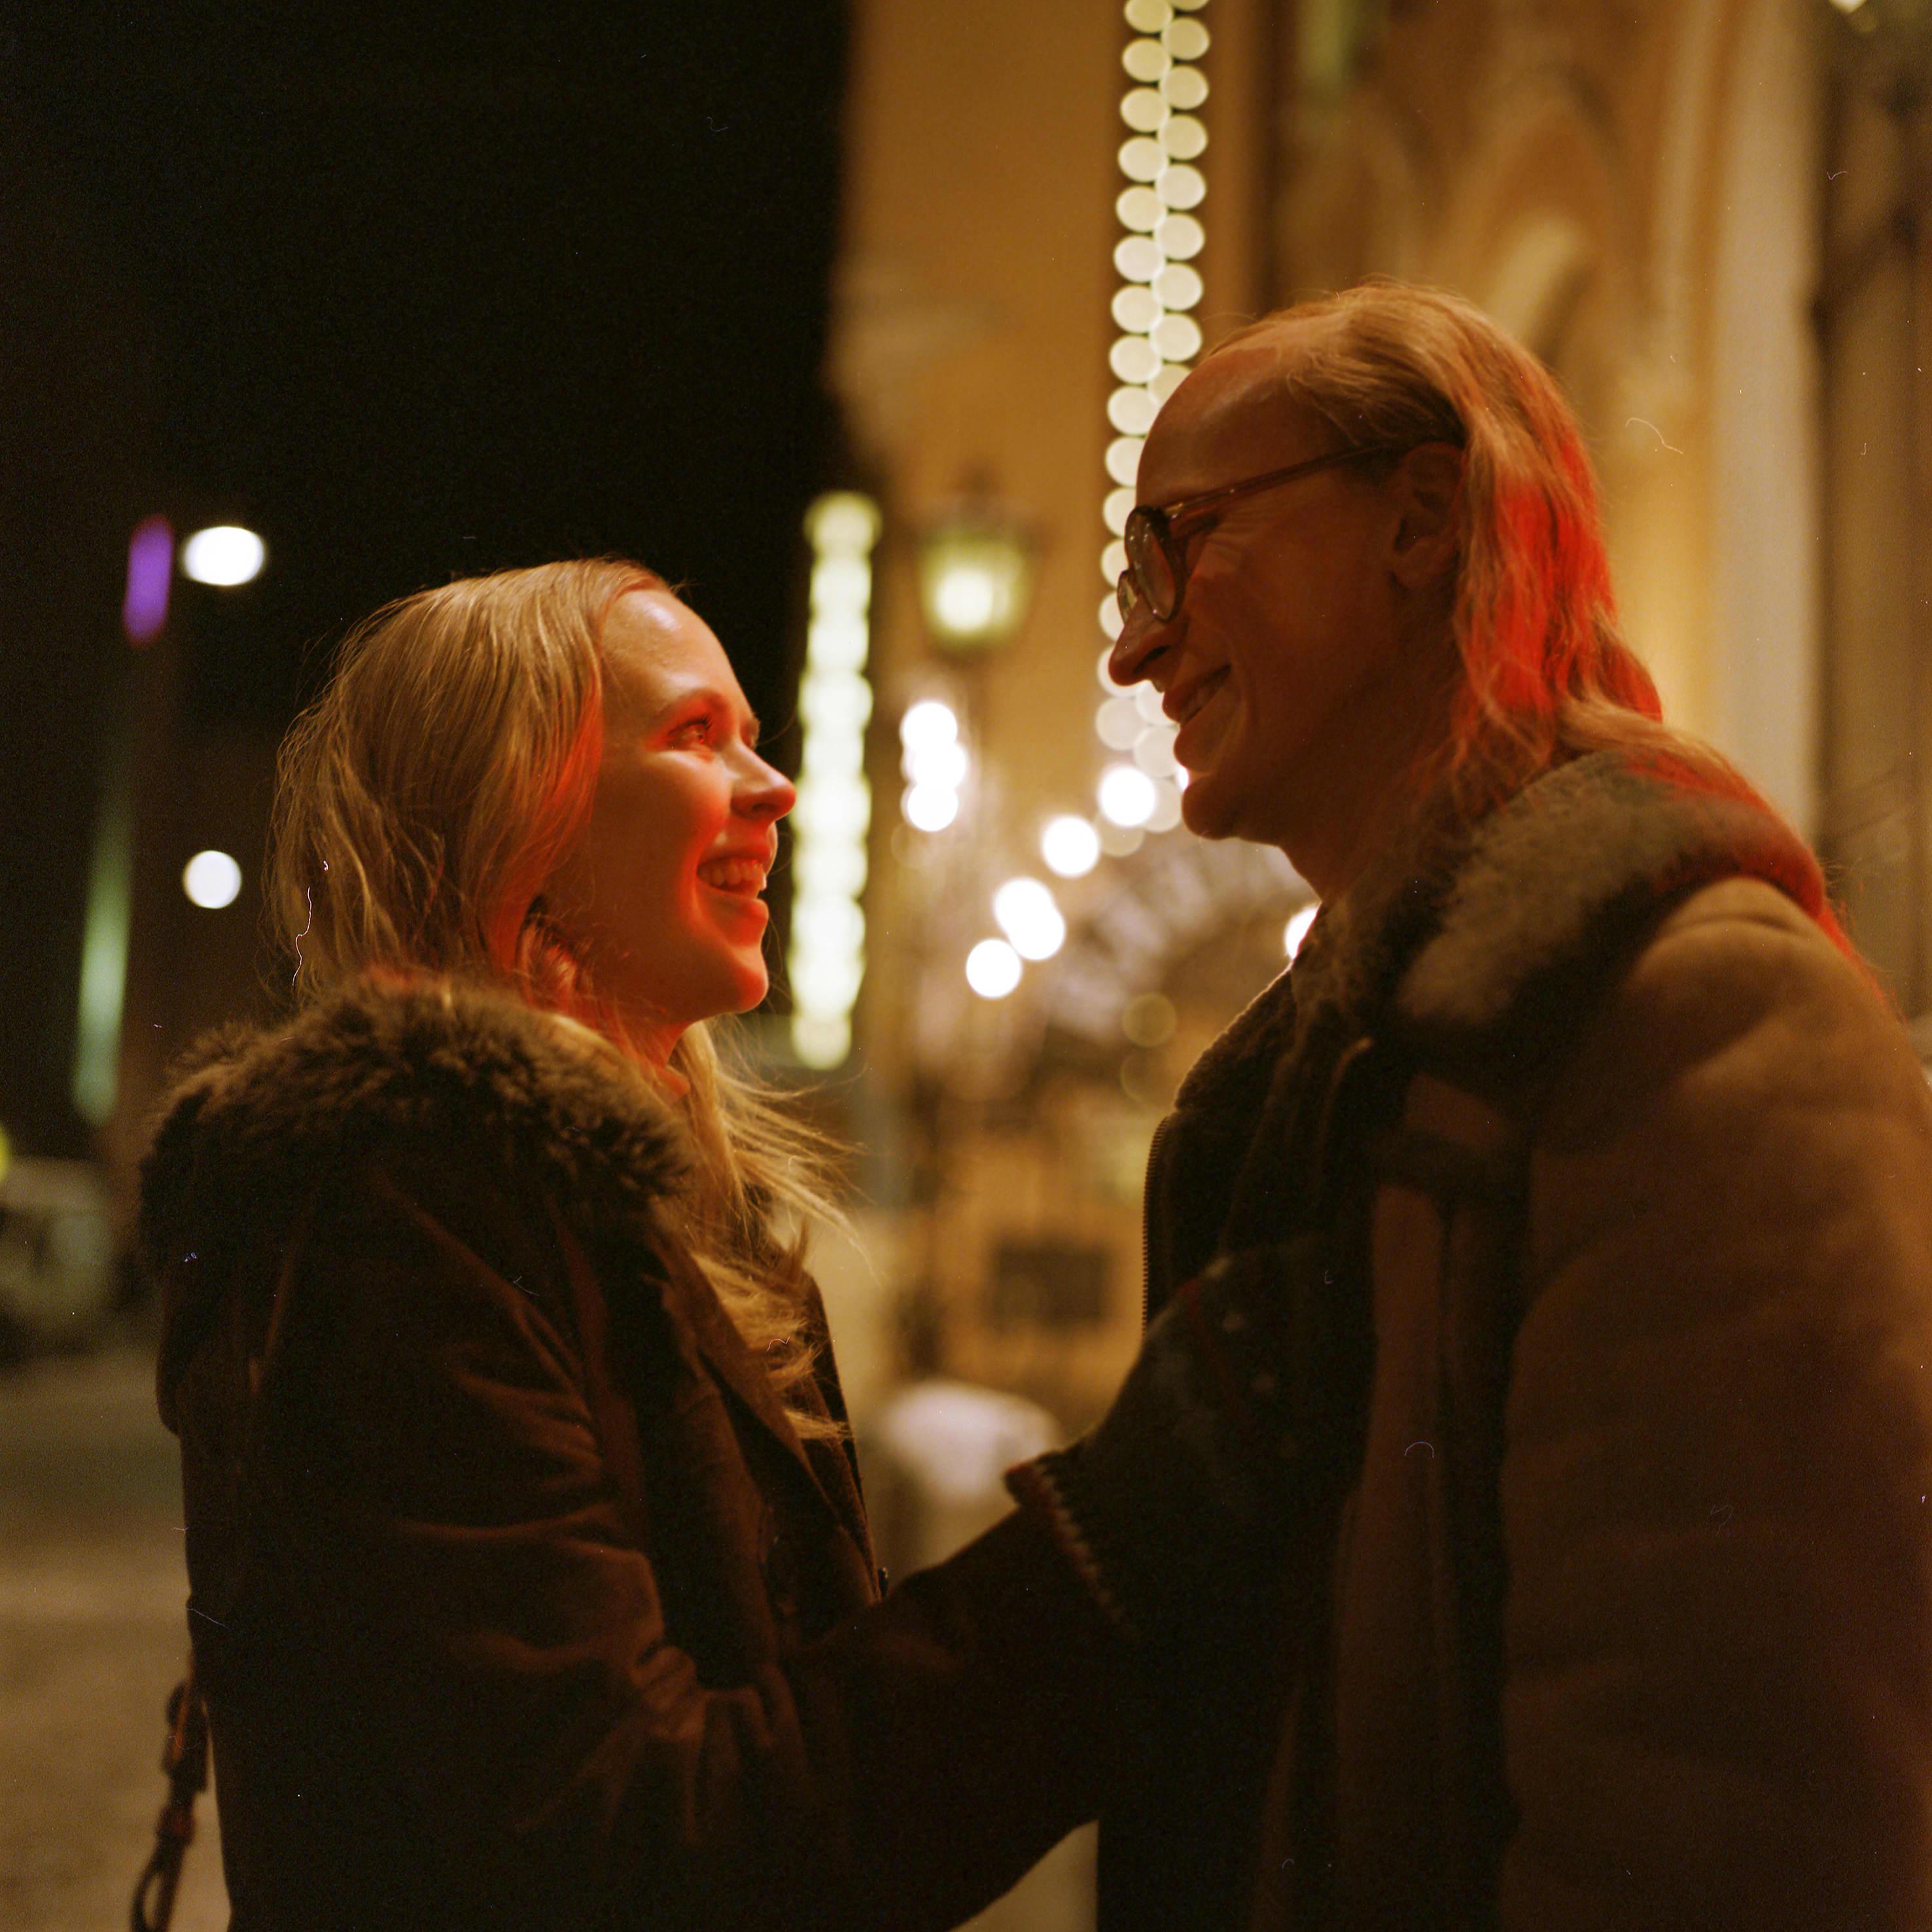 Juice kertoo vähintään yhtä paljon rakkauden vaikeudesta kuin Suomi-rockin ikonin urasta.